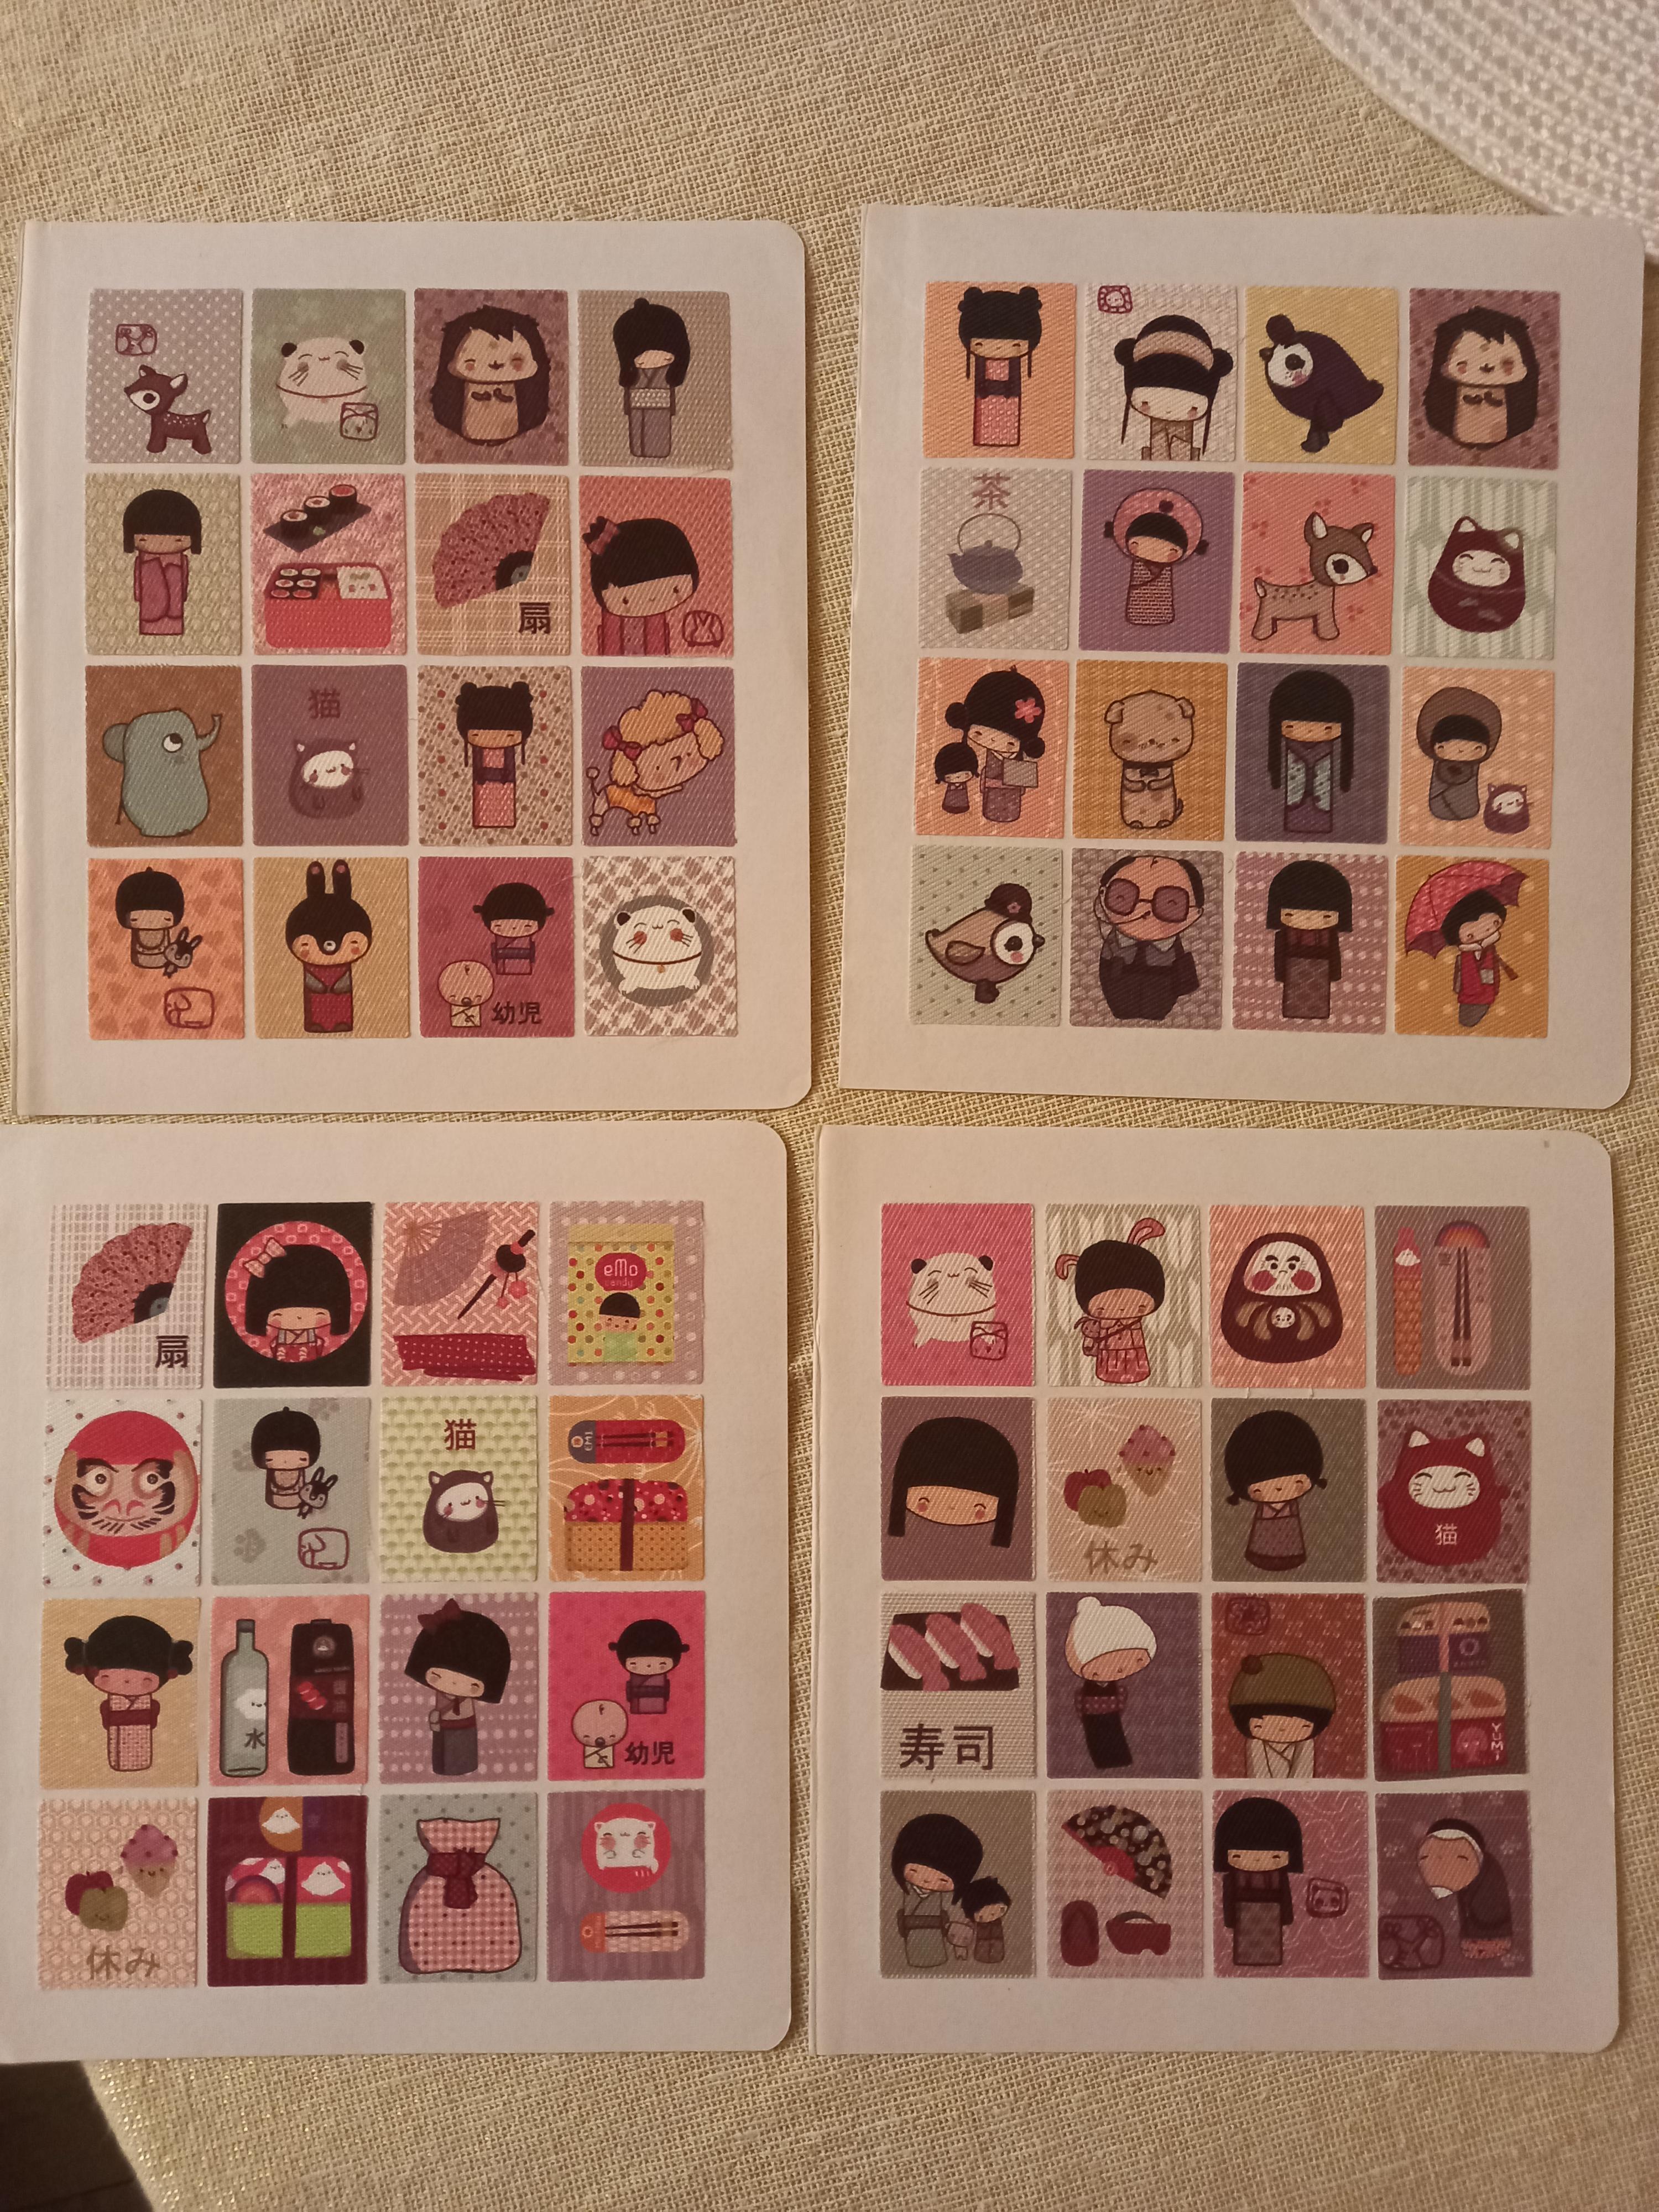 troc de troc stickers en tissu. image 0